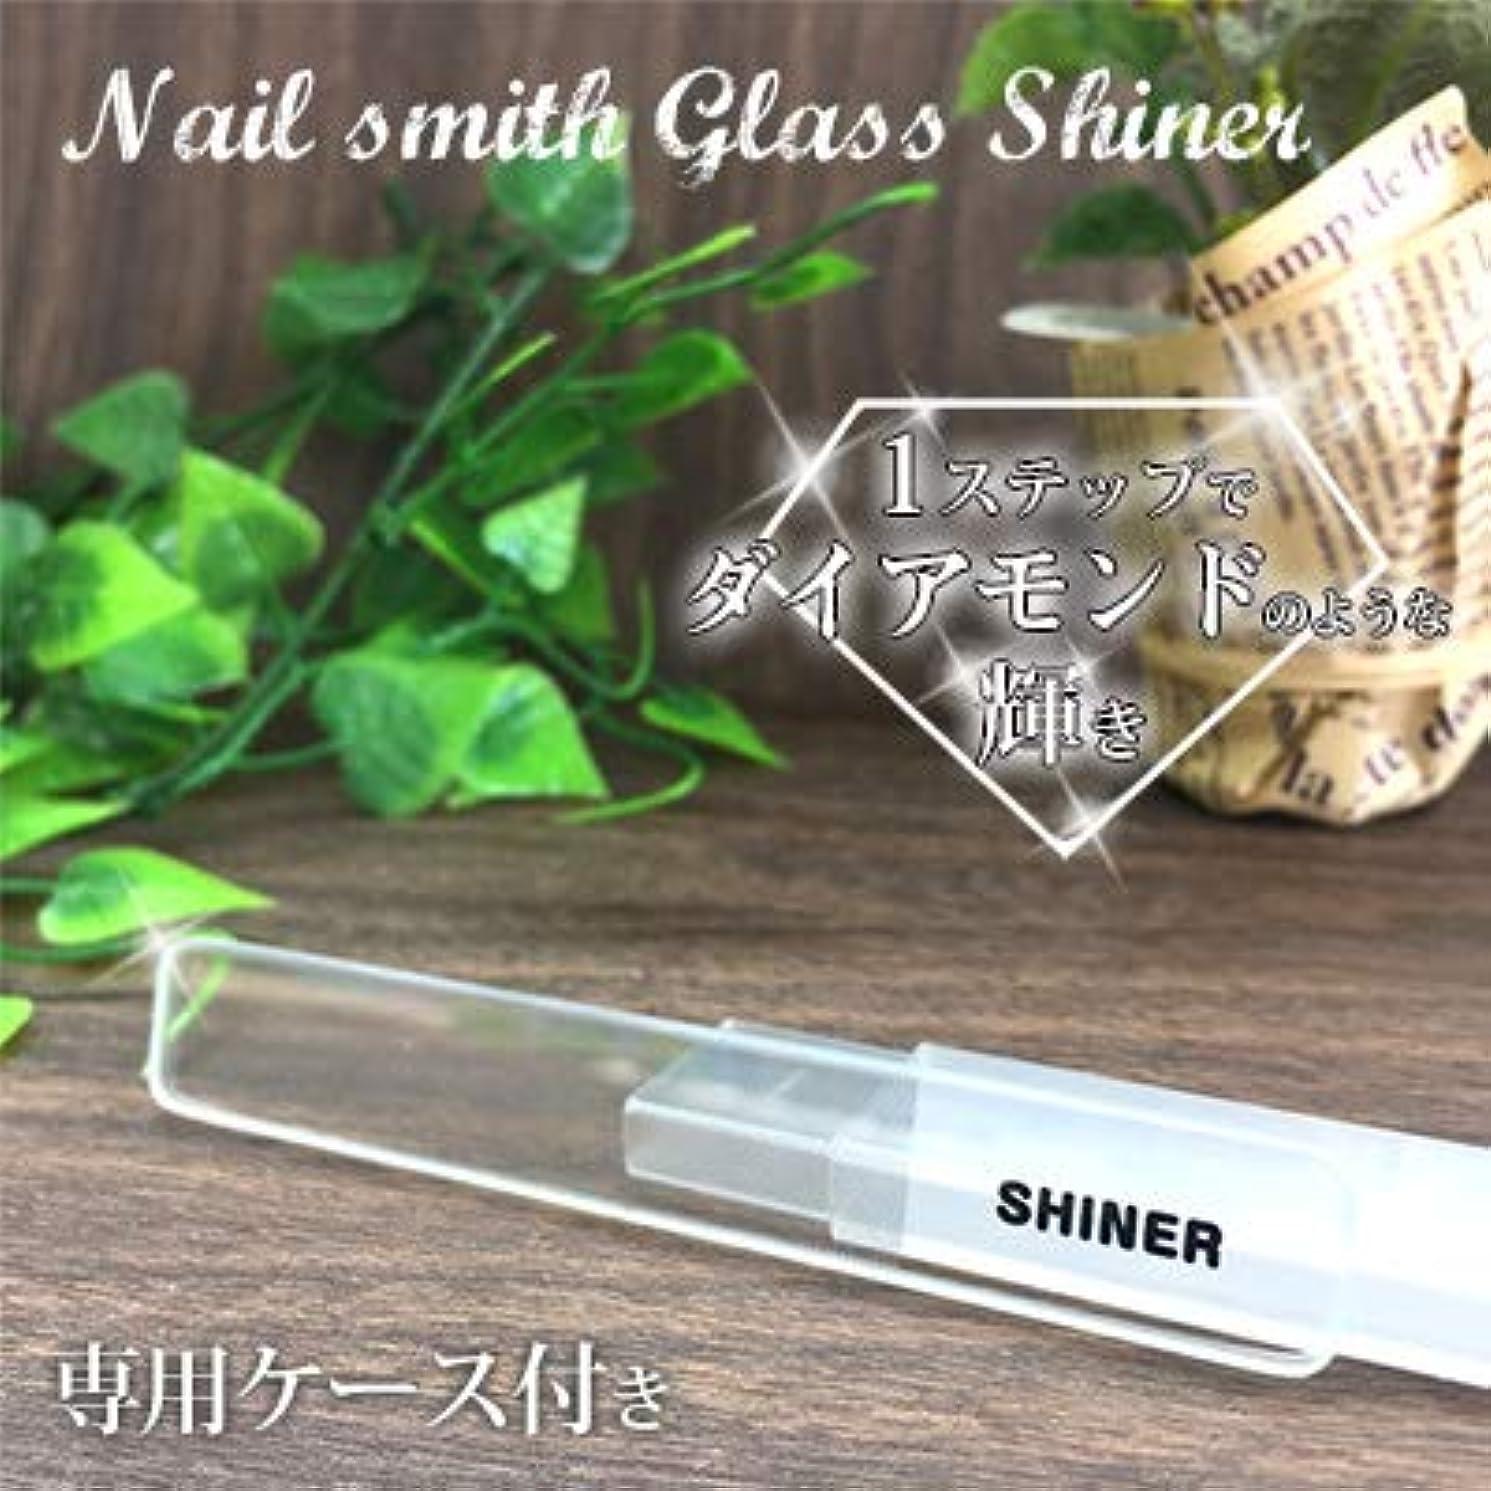 校長ブラザーいっぱいnail smith ネイルスミス ガラスシャイナー